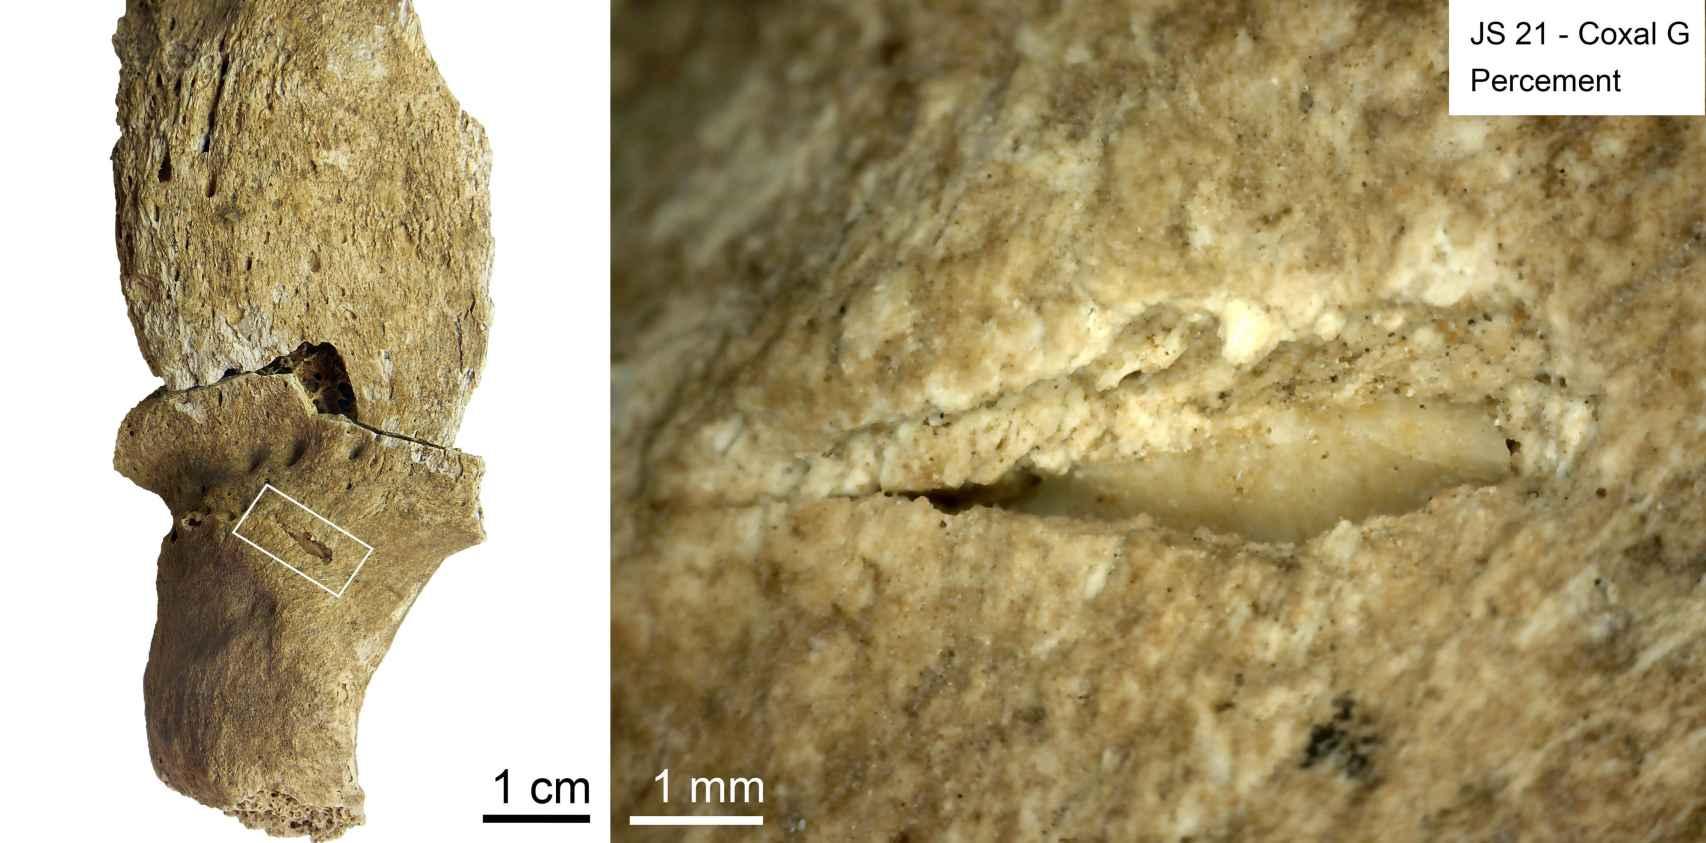 Marcas de impacto de proyectil en uno de los individuos de la necrópolis.